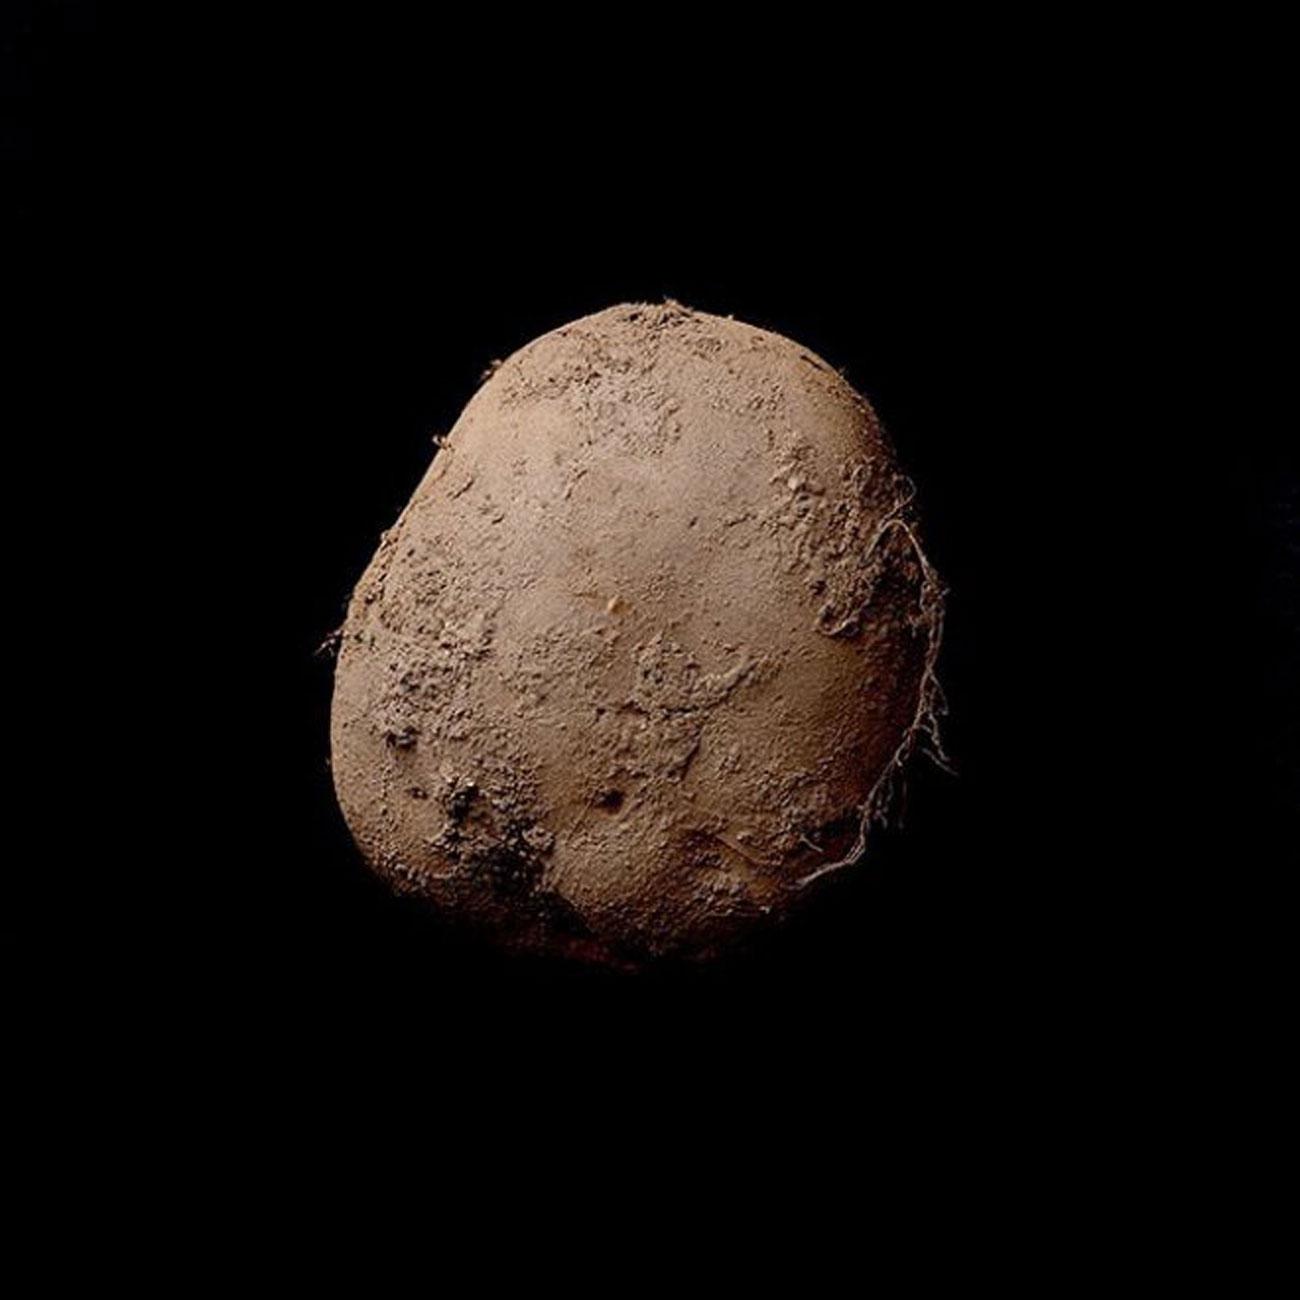 Kevin Abosch ritratto di patata